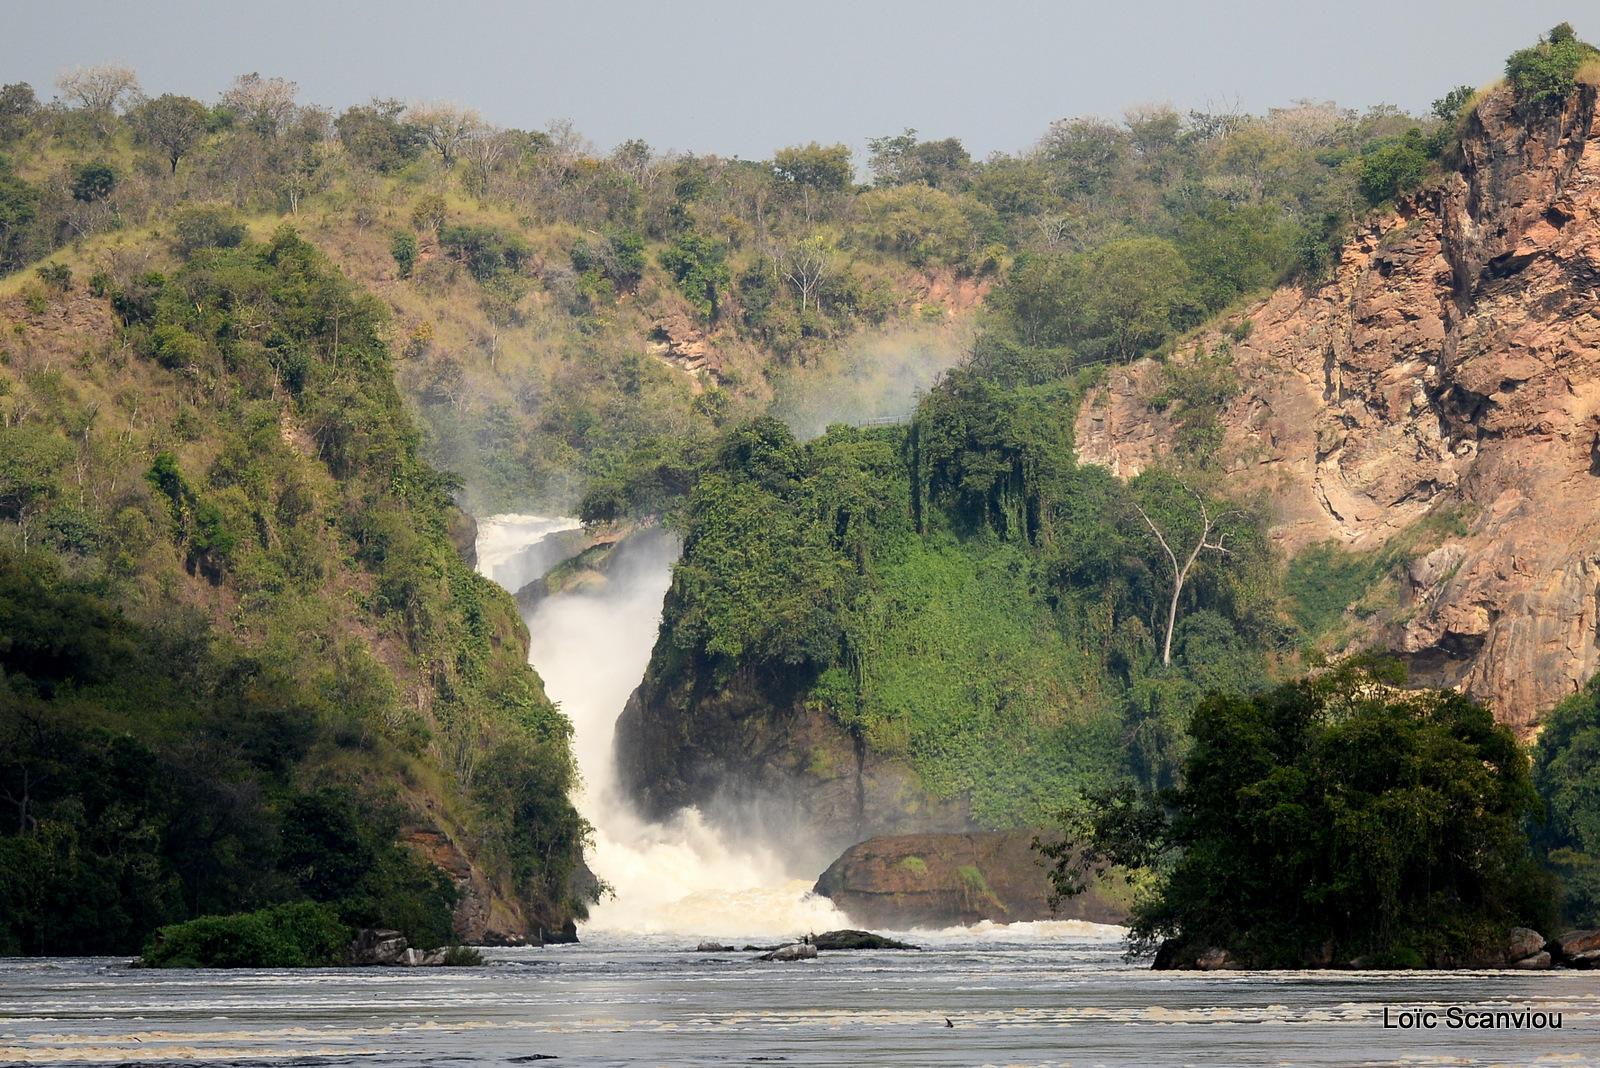 Les chutes de Murchison/Murchison Falls (5)